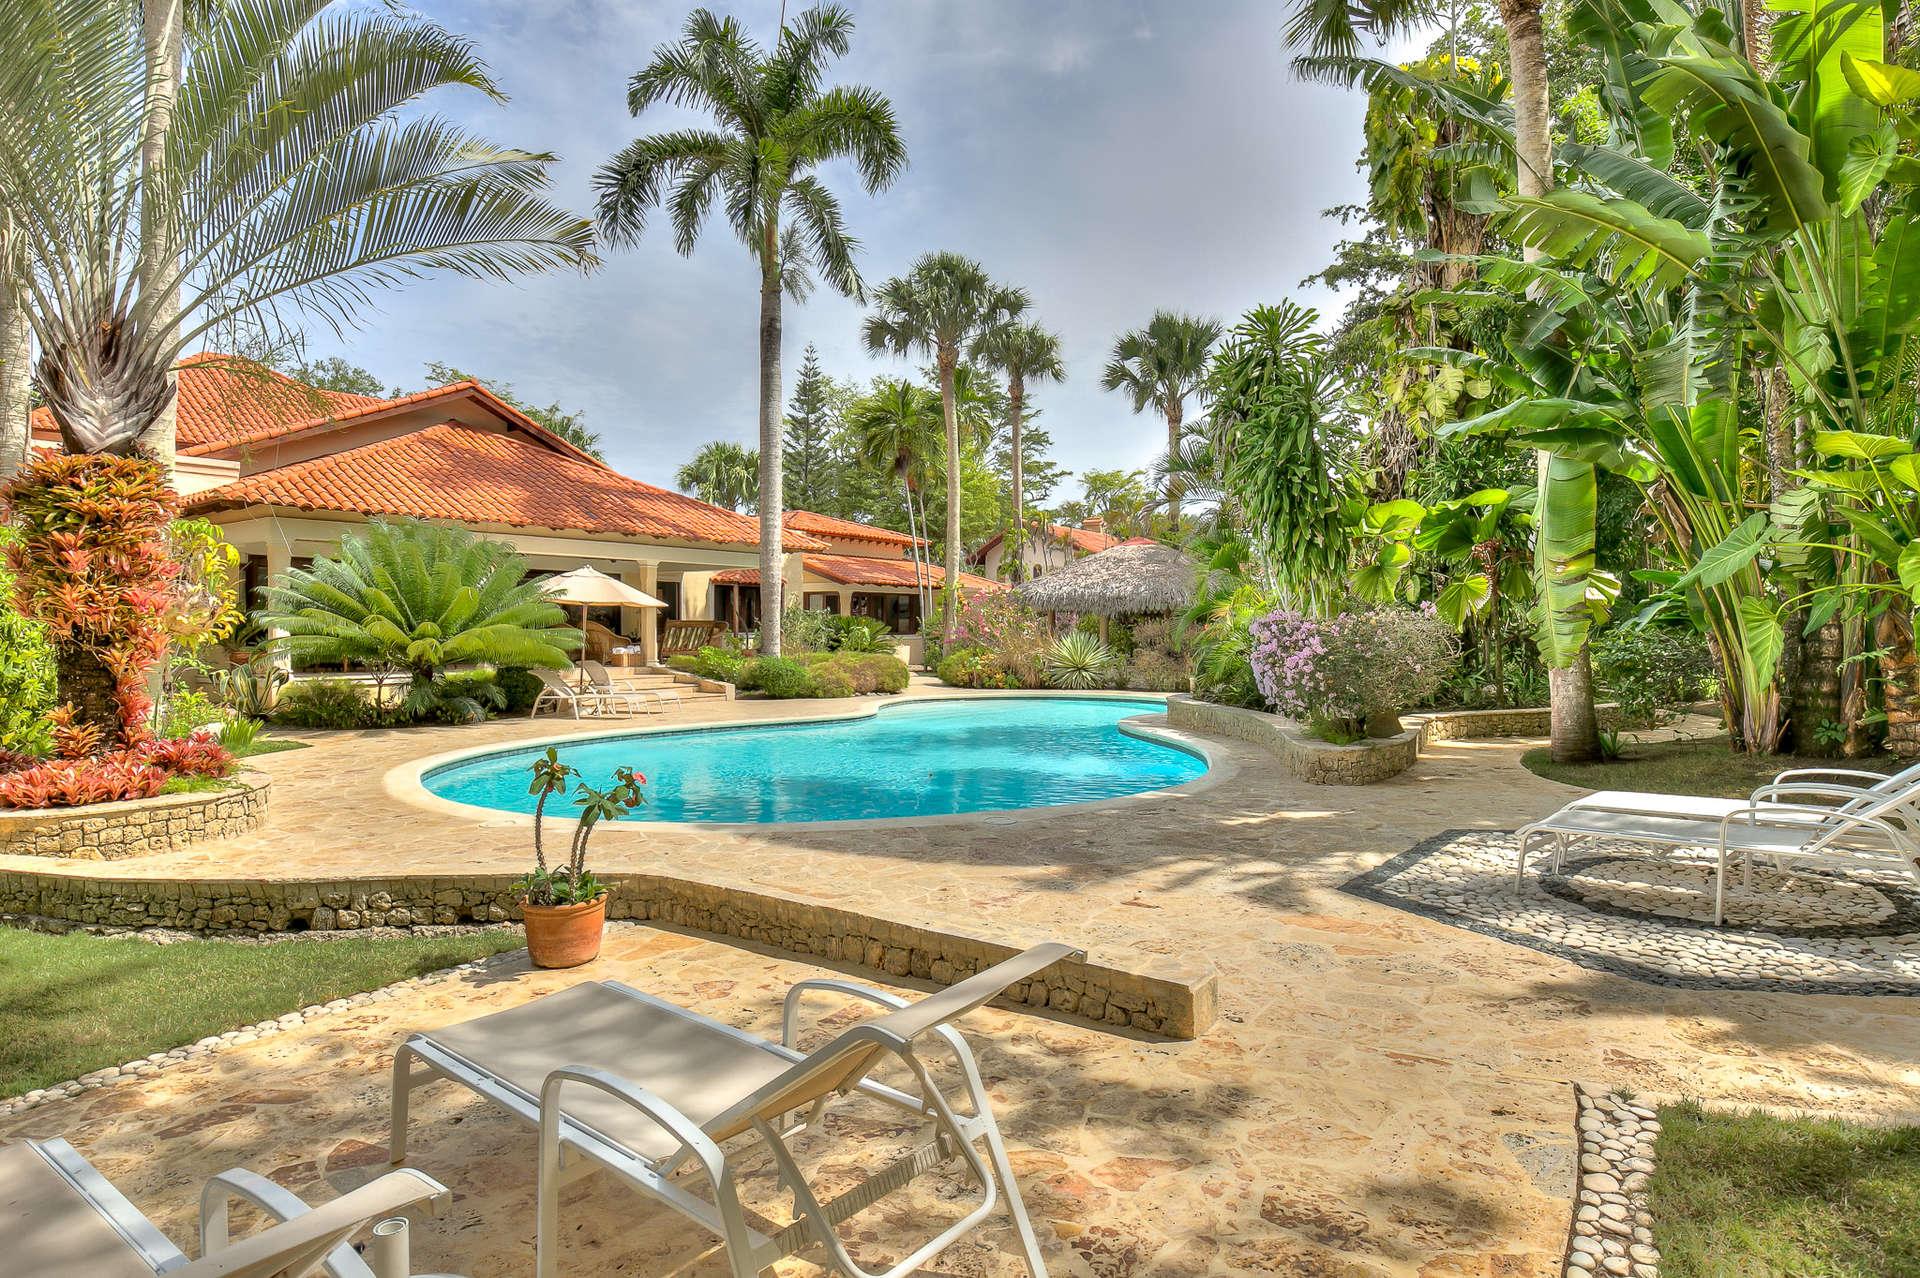 - Villa Tropicalia - Image 1/16